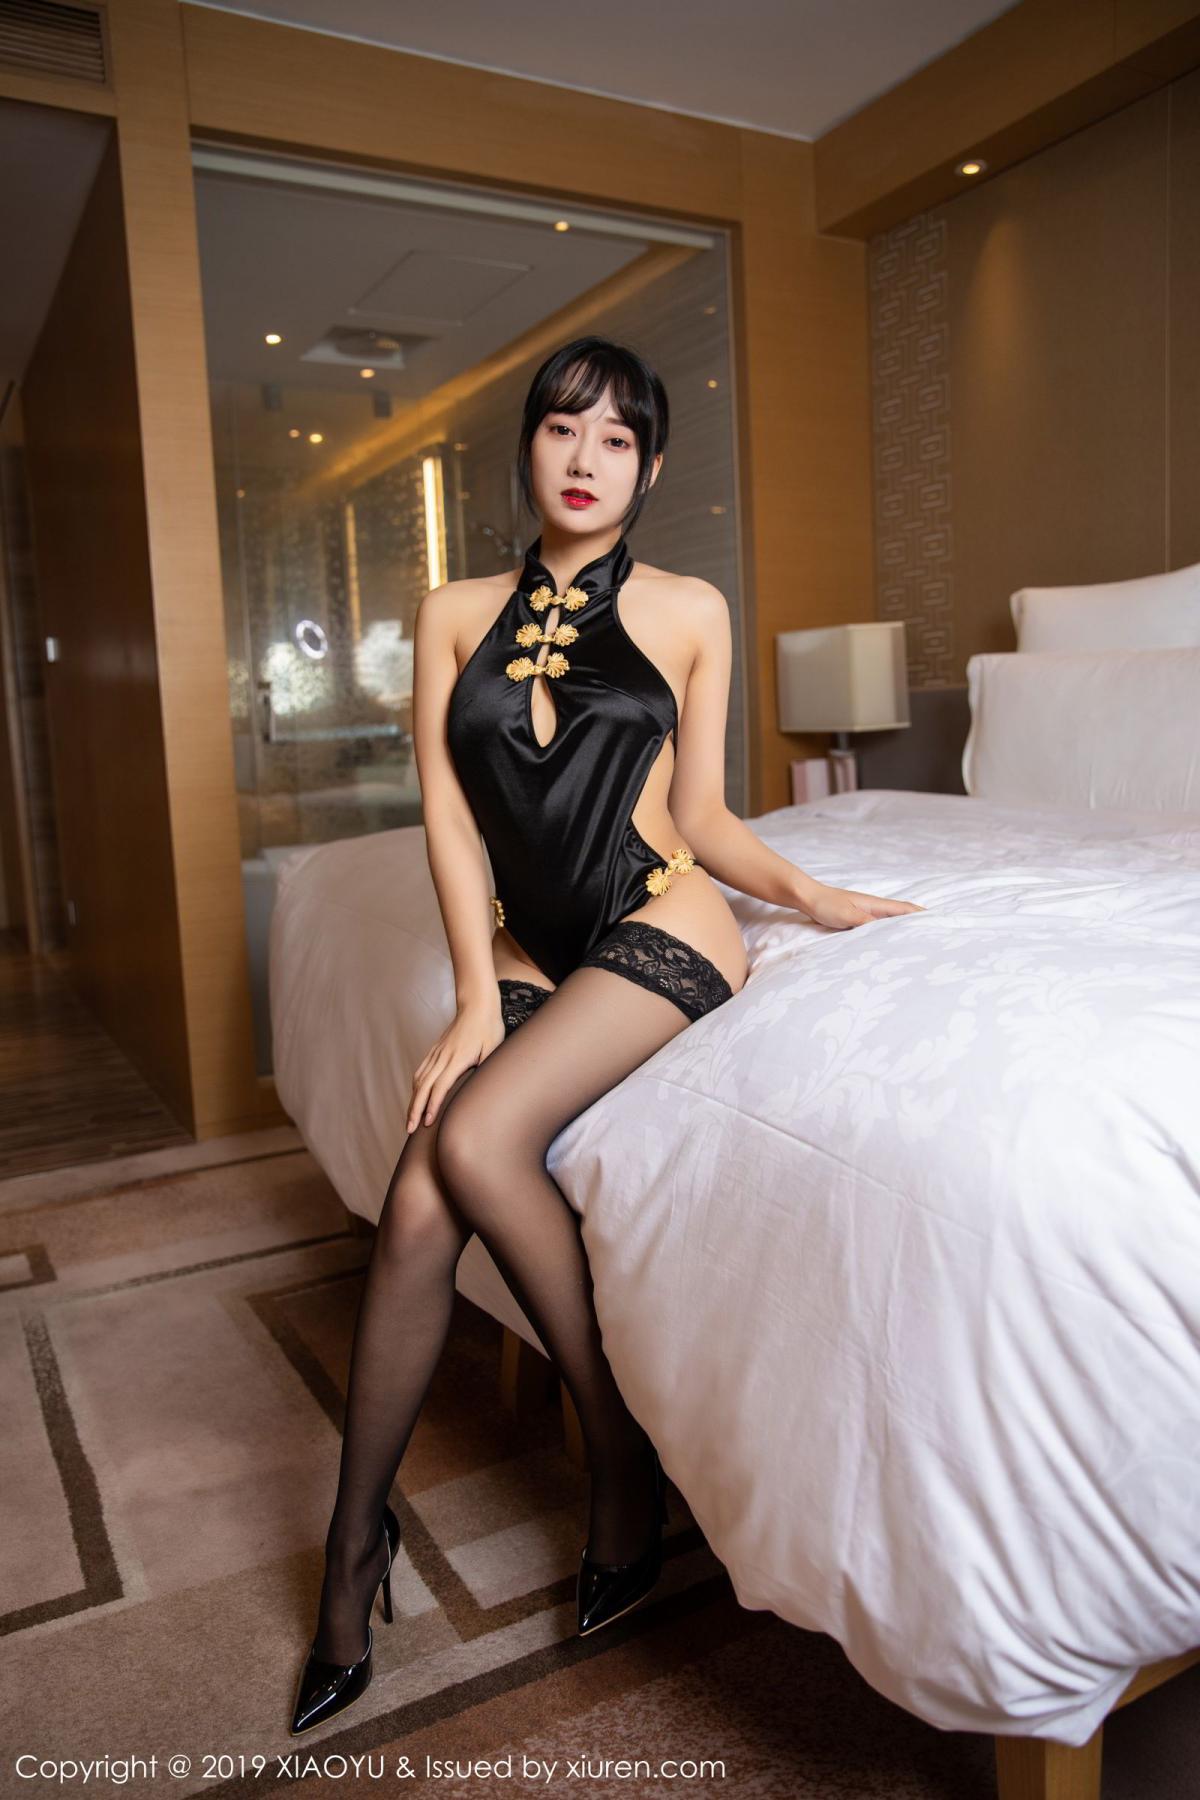 [XiaoYu] Vol.170 He Jia Ying 6P, He Jia Ying, Tall, XiaoYu